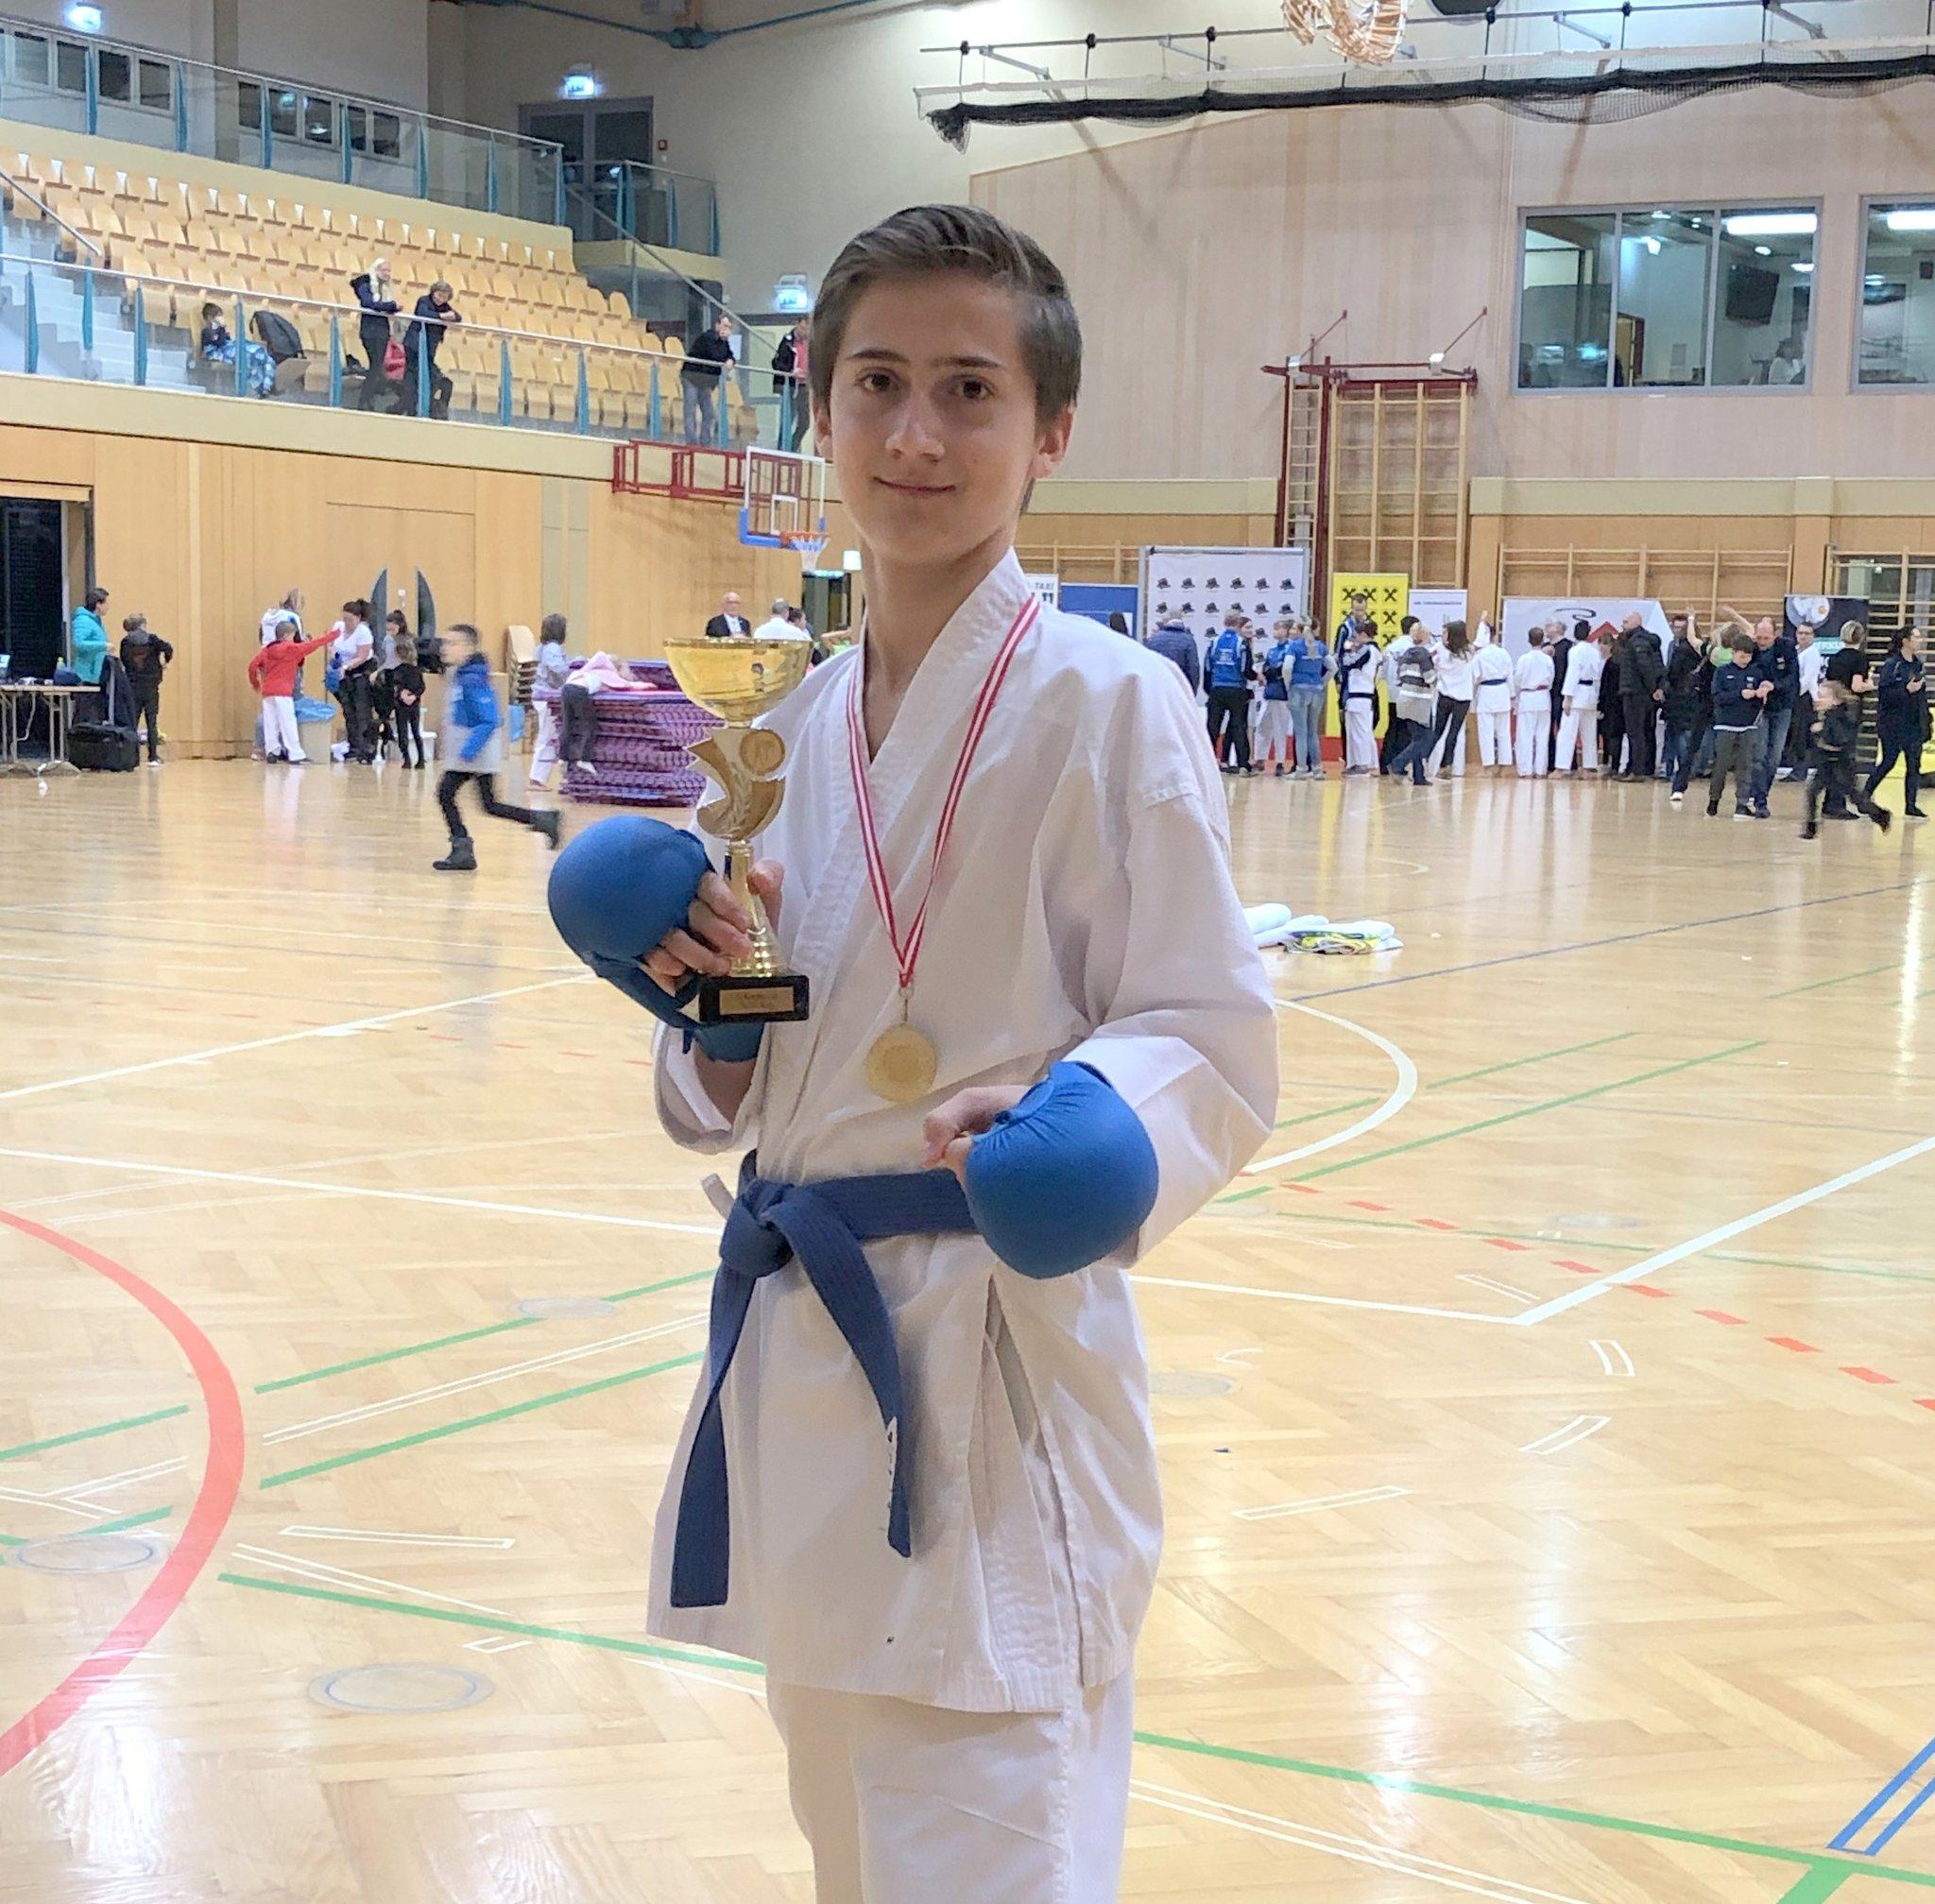 Sport Union Köflach: Karate-Gold für Marius Schmelzer - meinbezirk.at